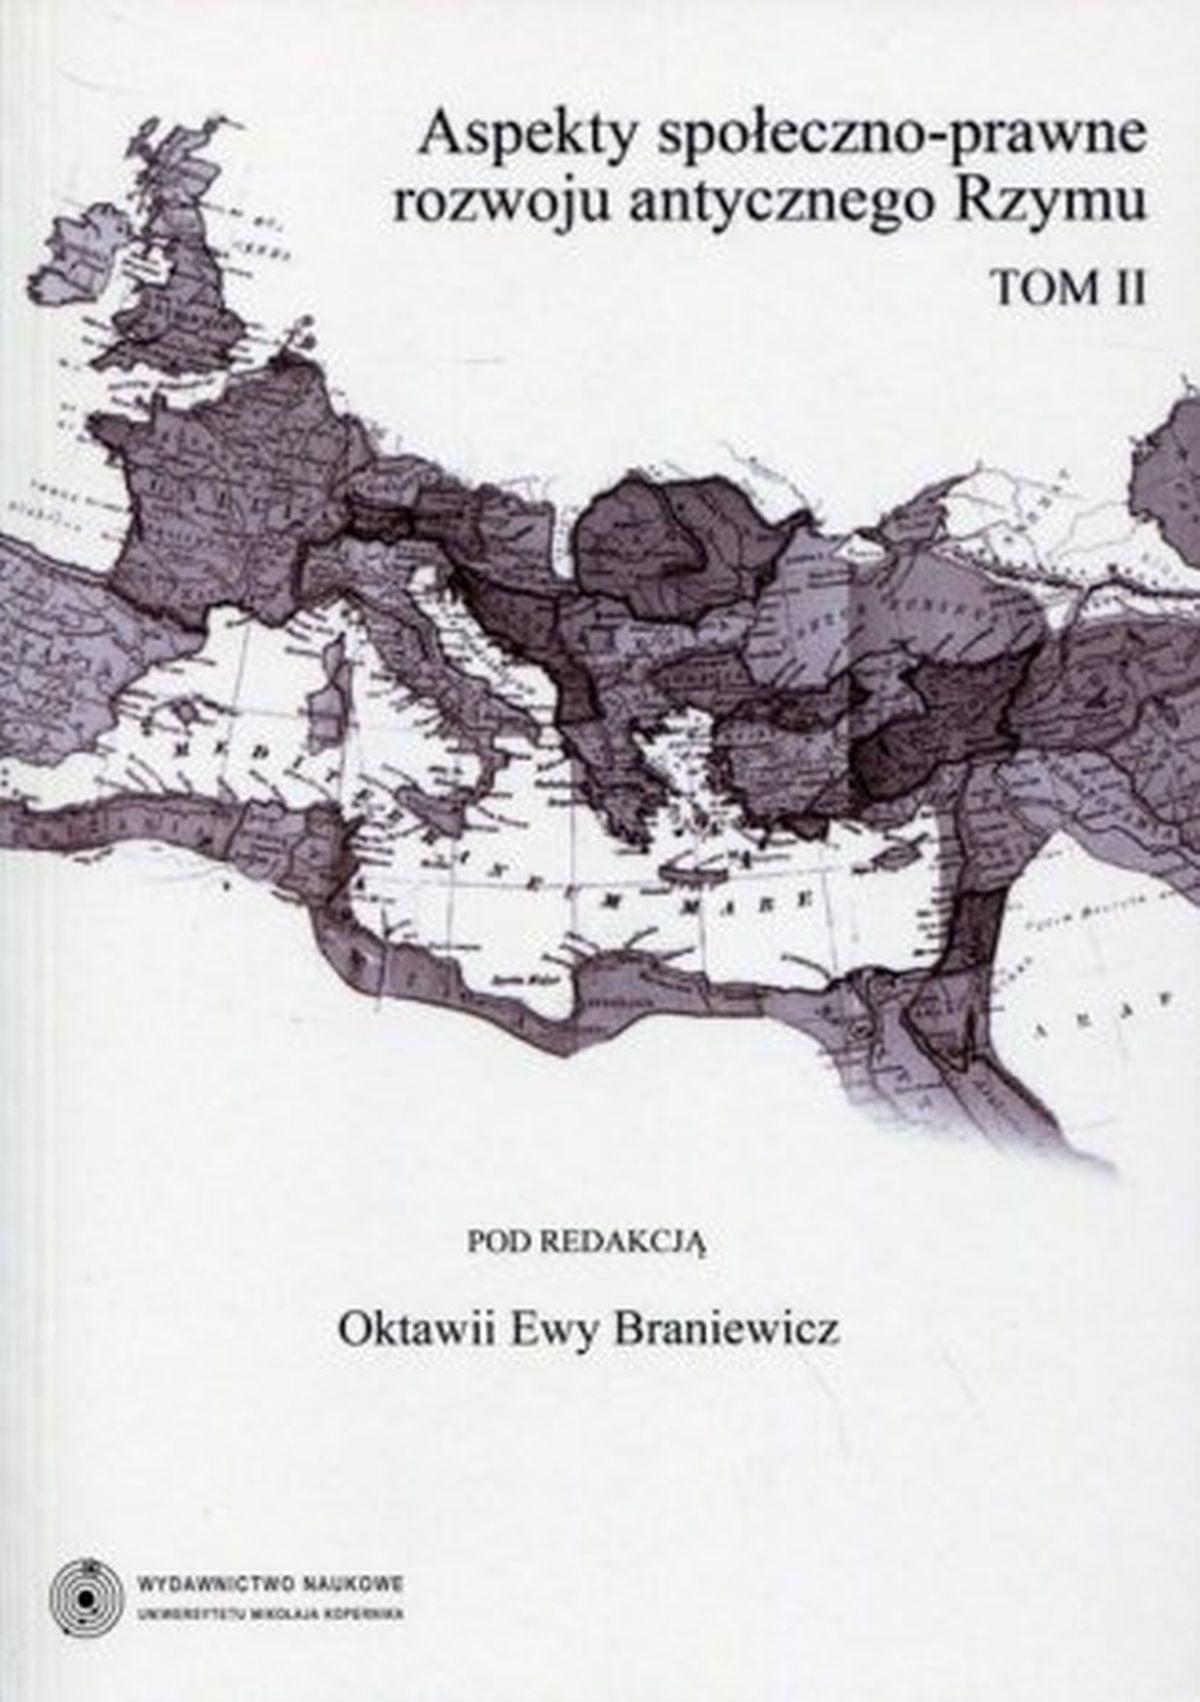 Aspekty społeczno-prawne rozwoju antycznego Rzymu. Tom 2